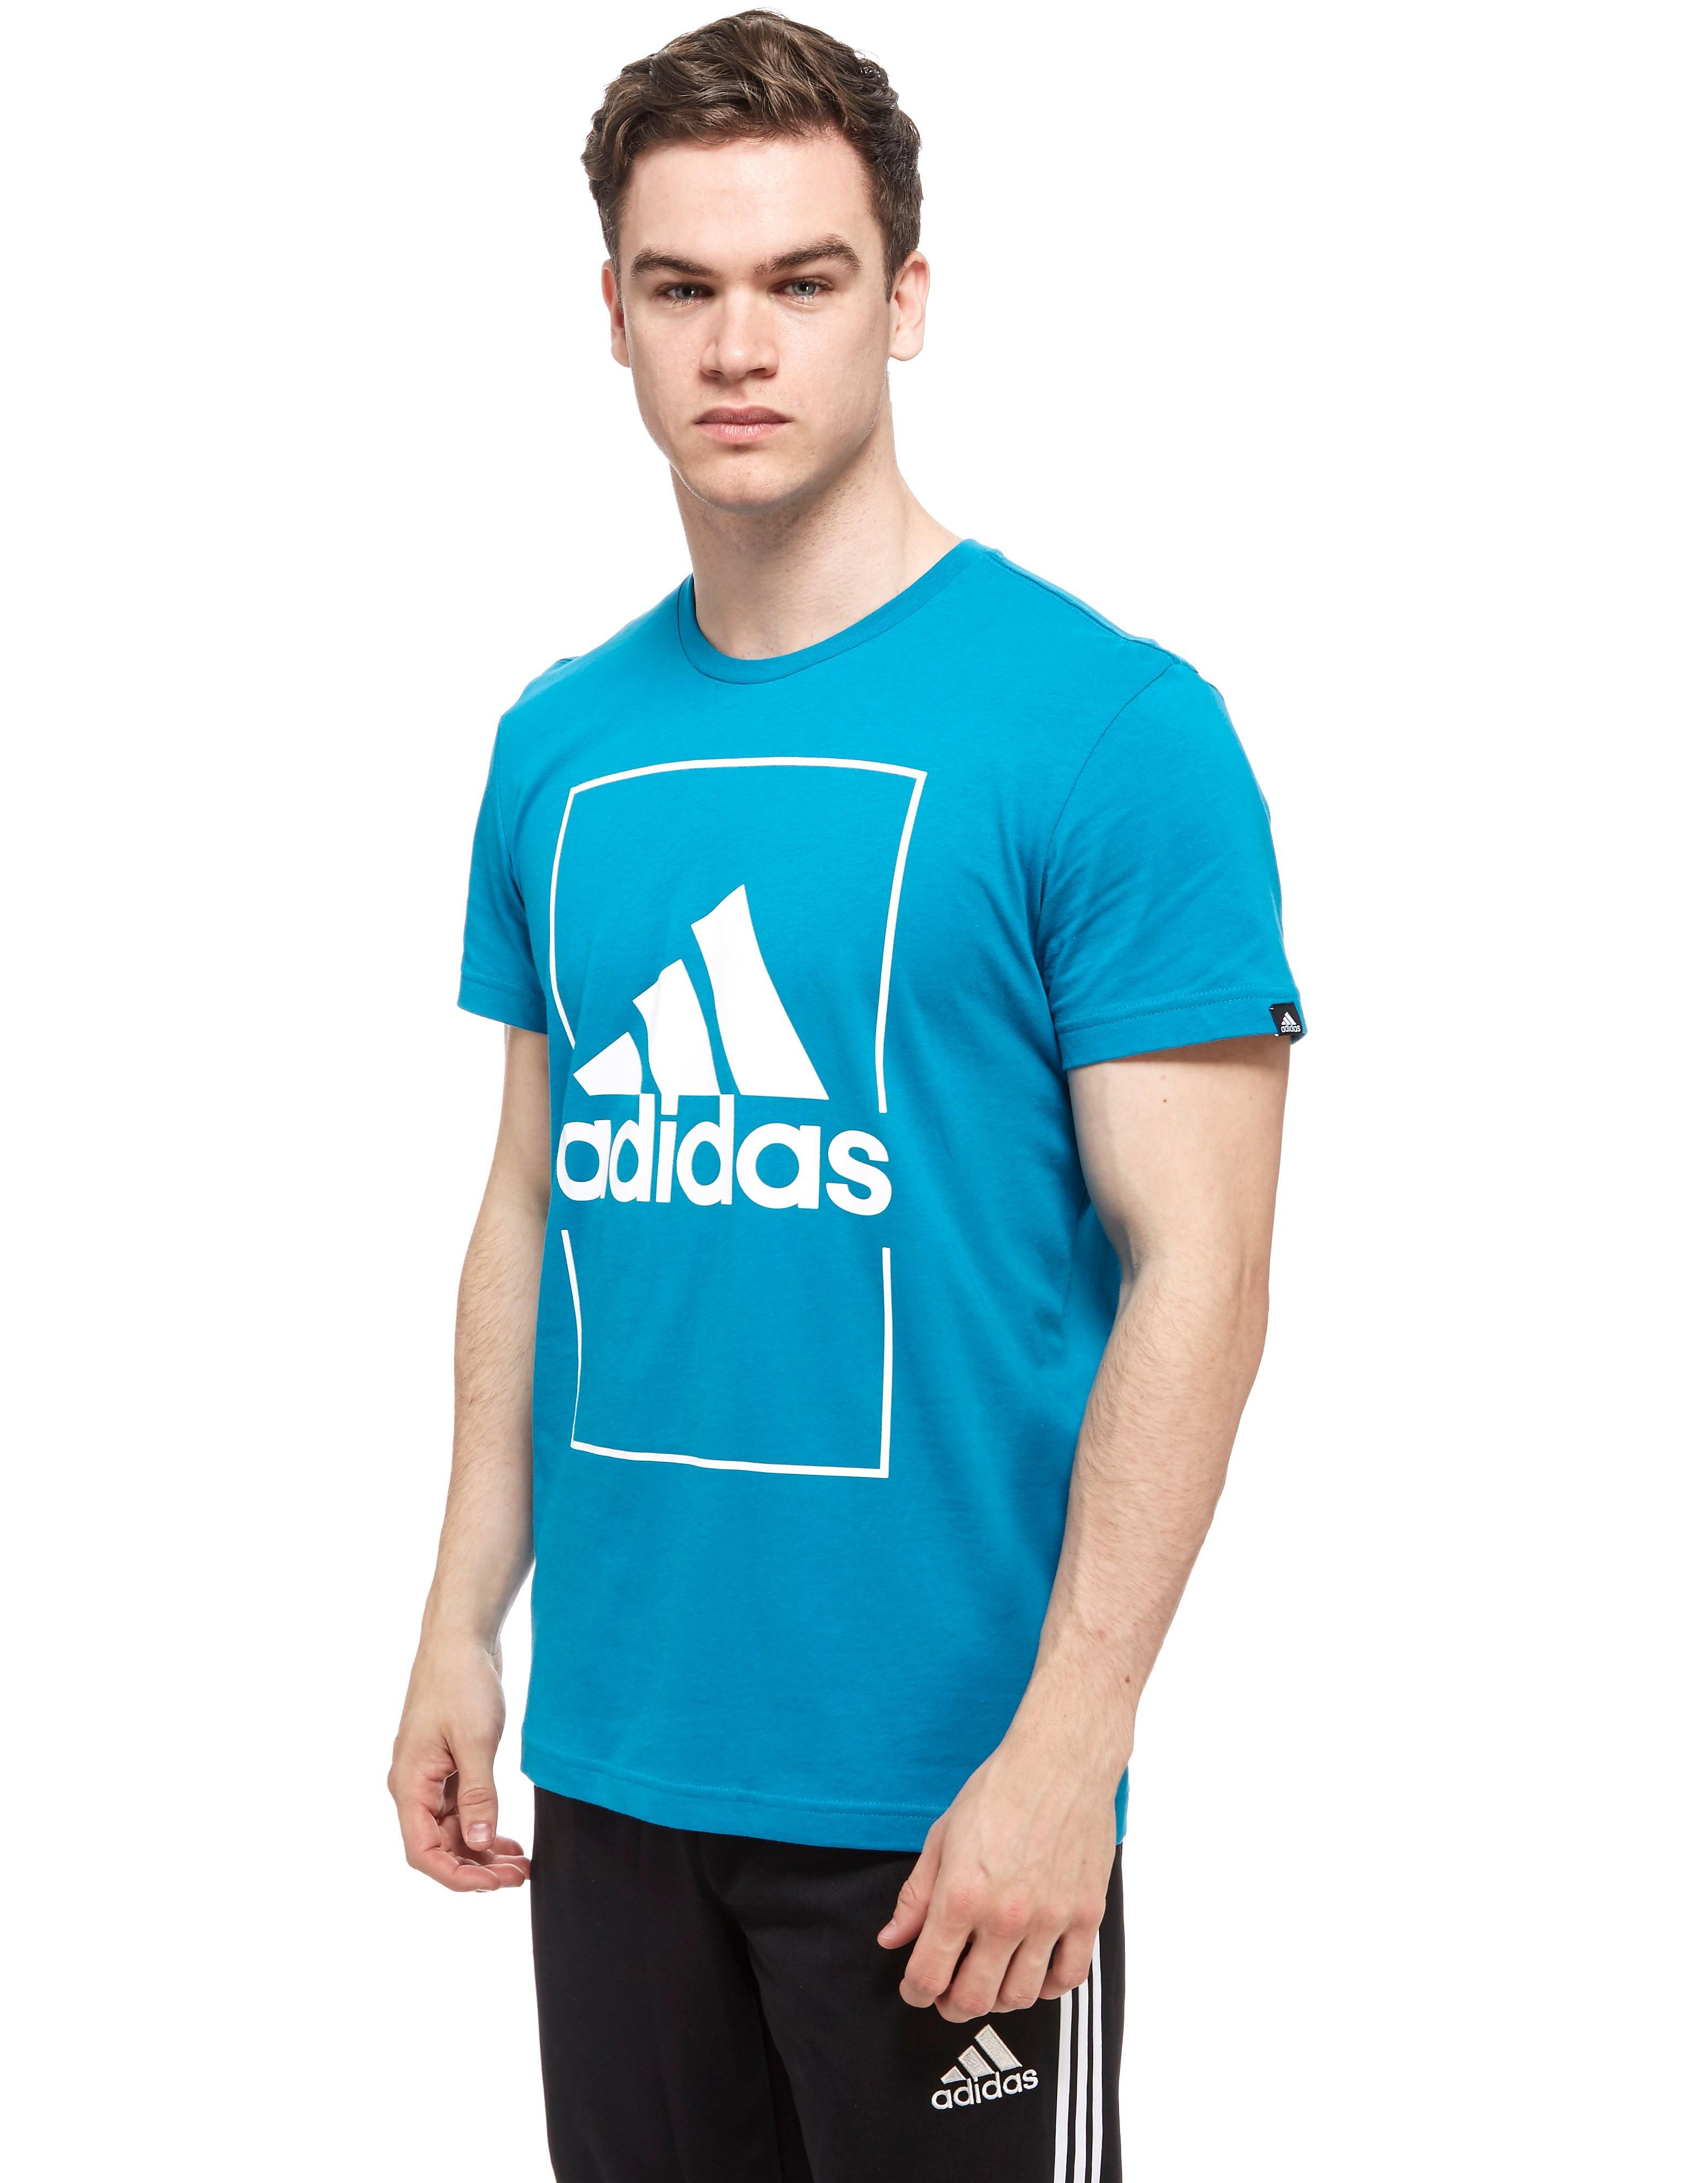 adidas Outline T-Shirt